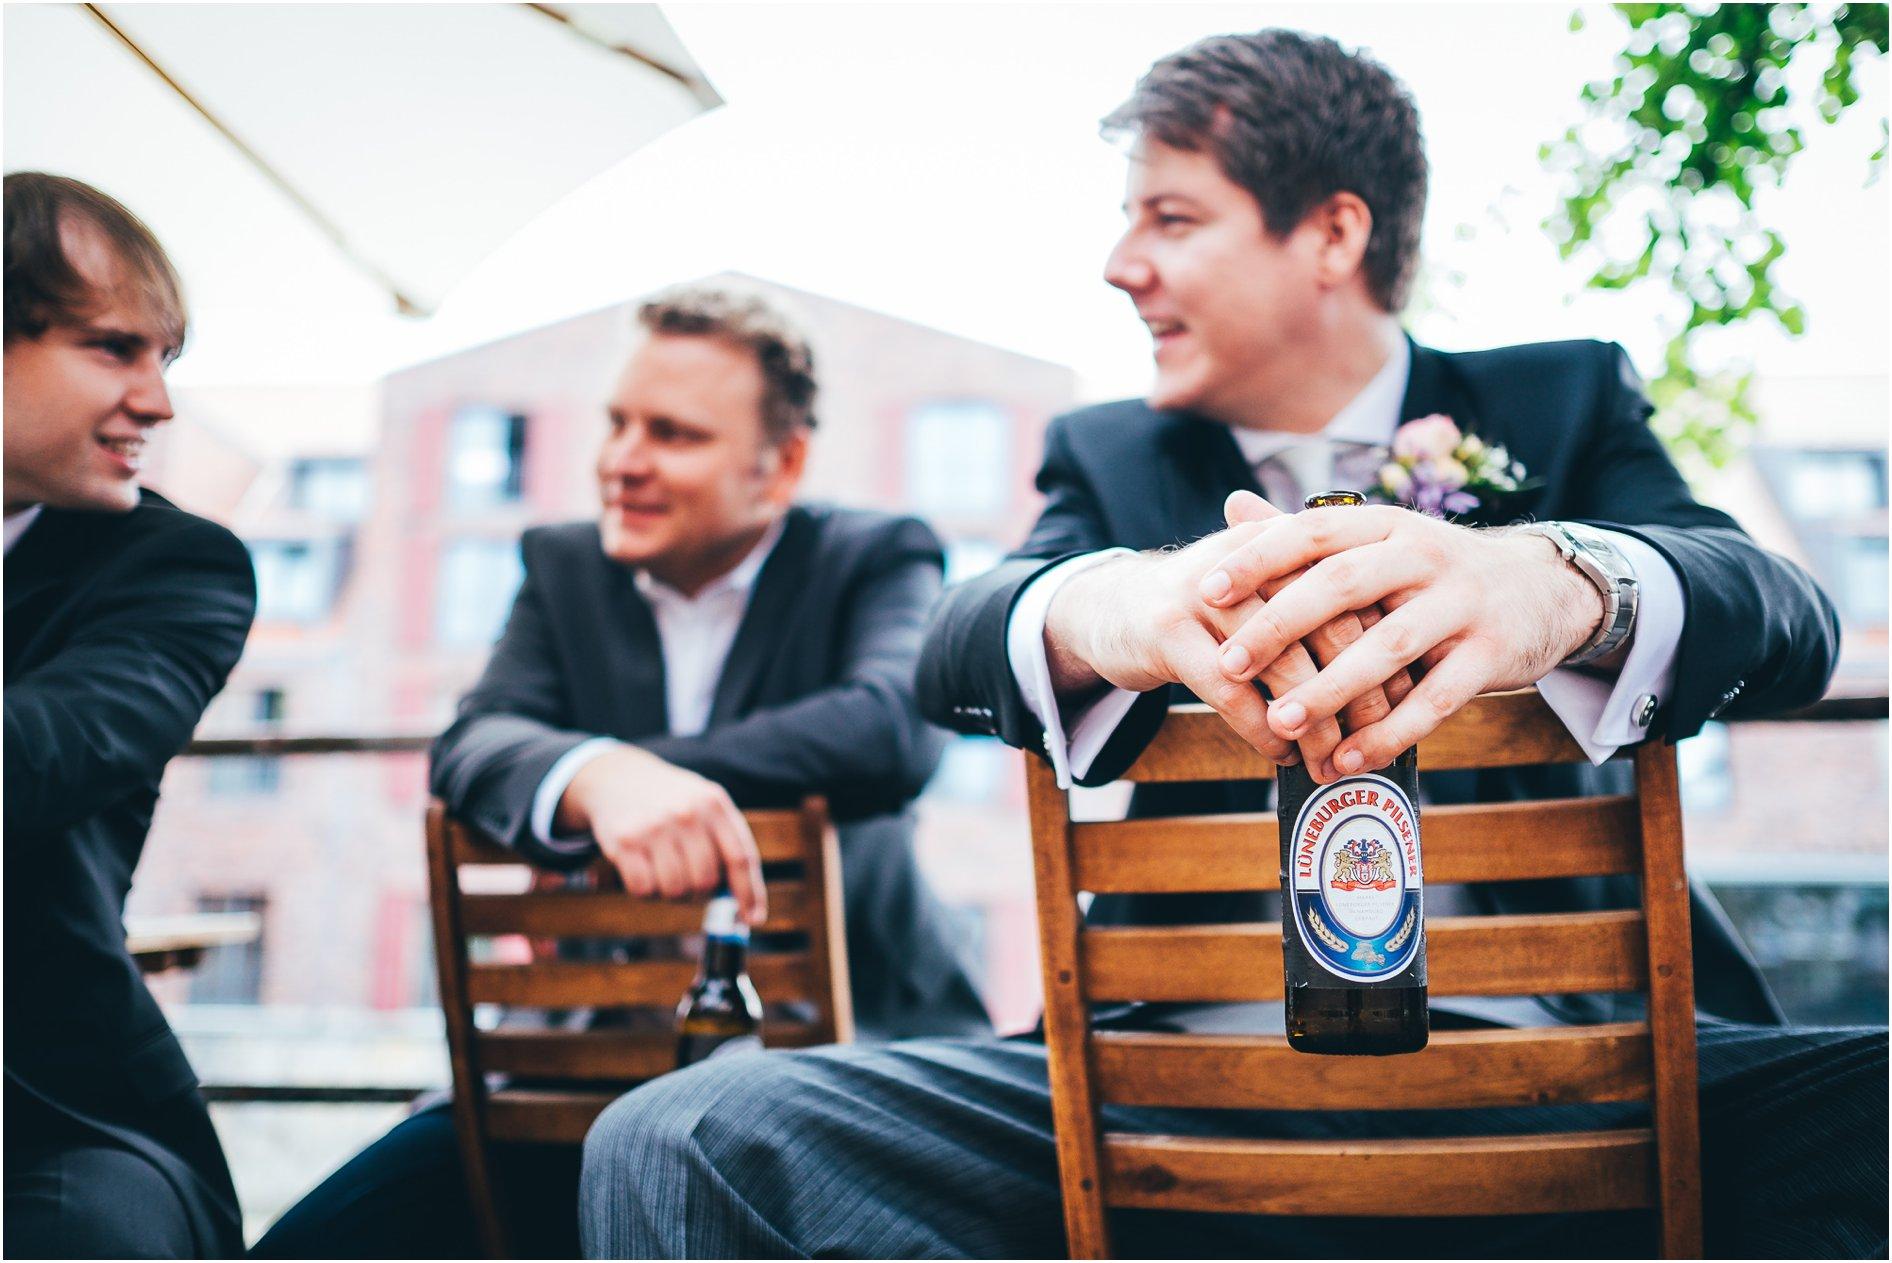 2014-10-13_0055 Jenny & Matthias - Hochzeitsfotograf auf Gut Bardenhagen